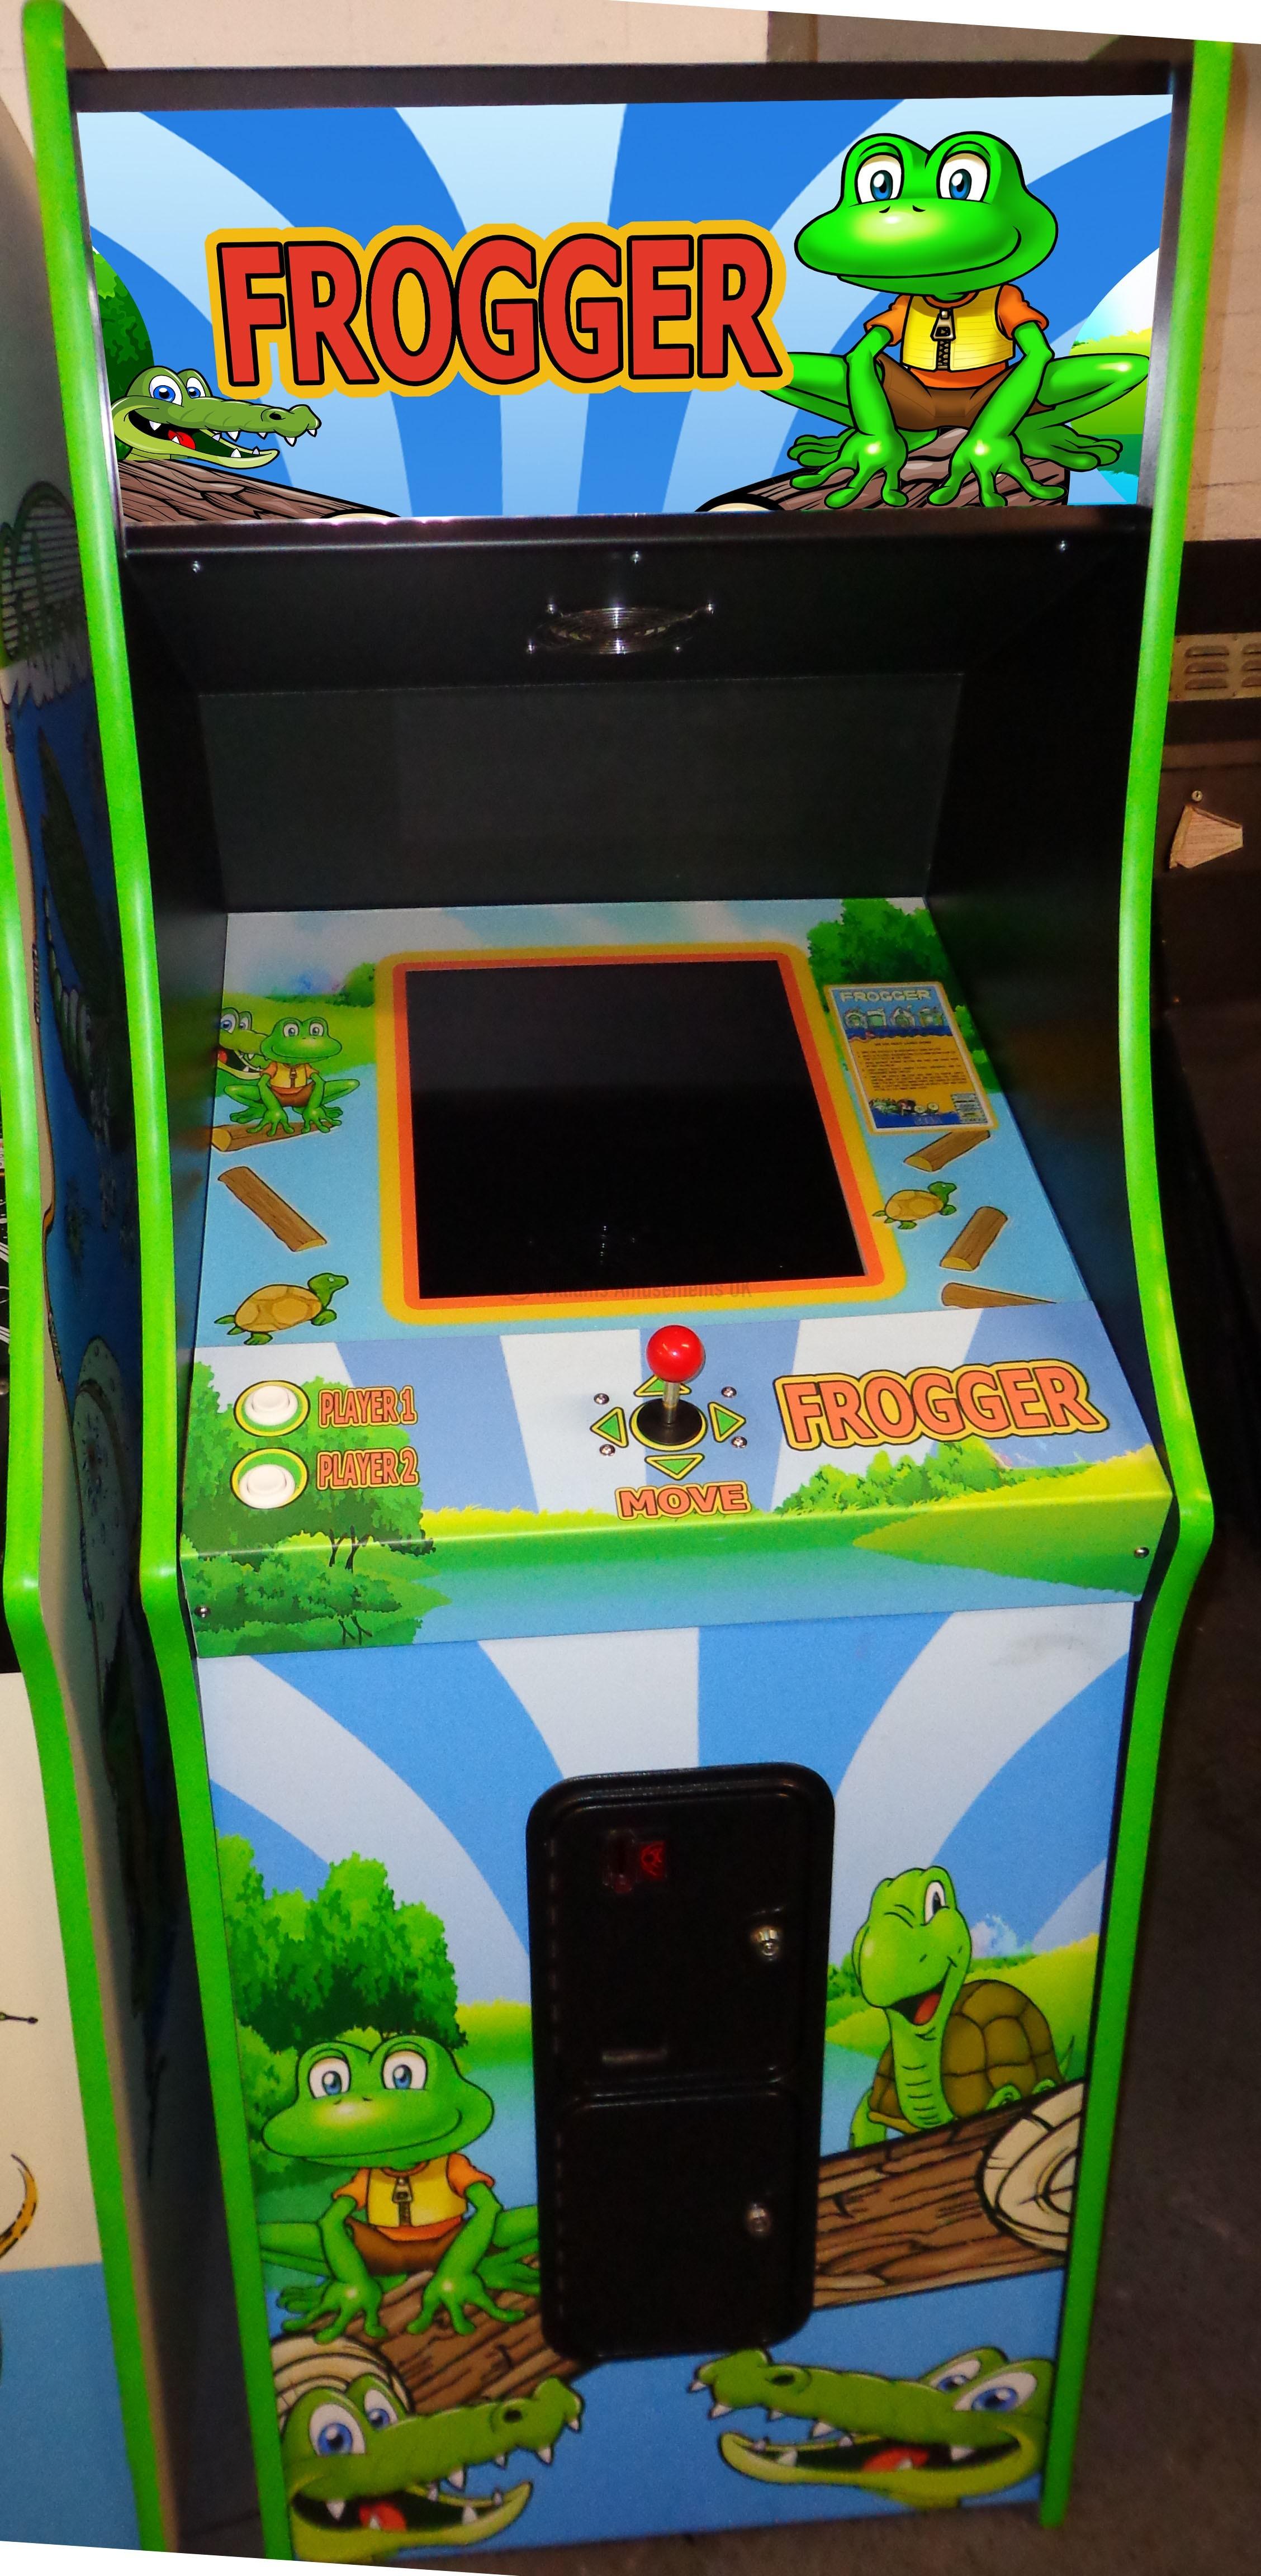 frogger online